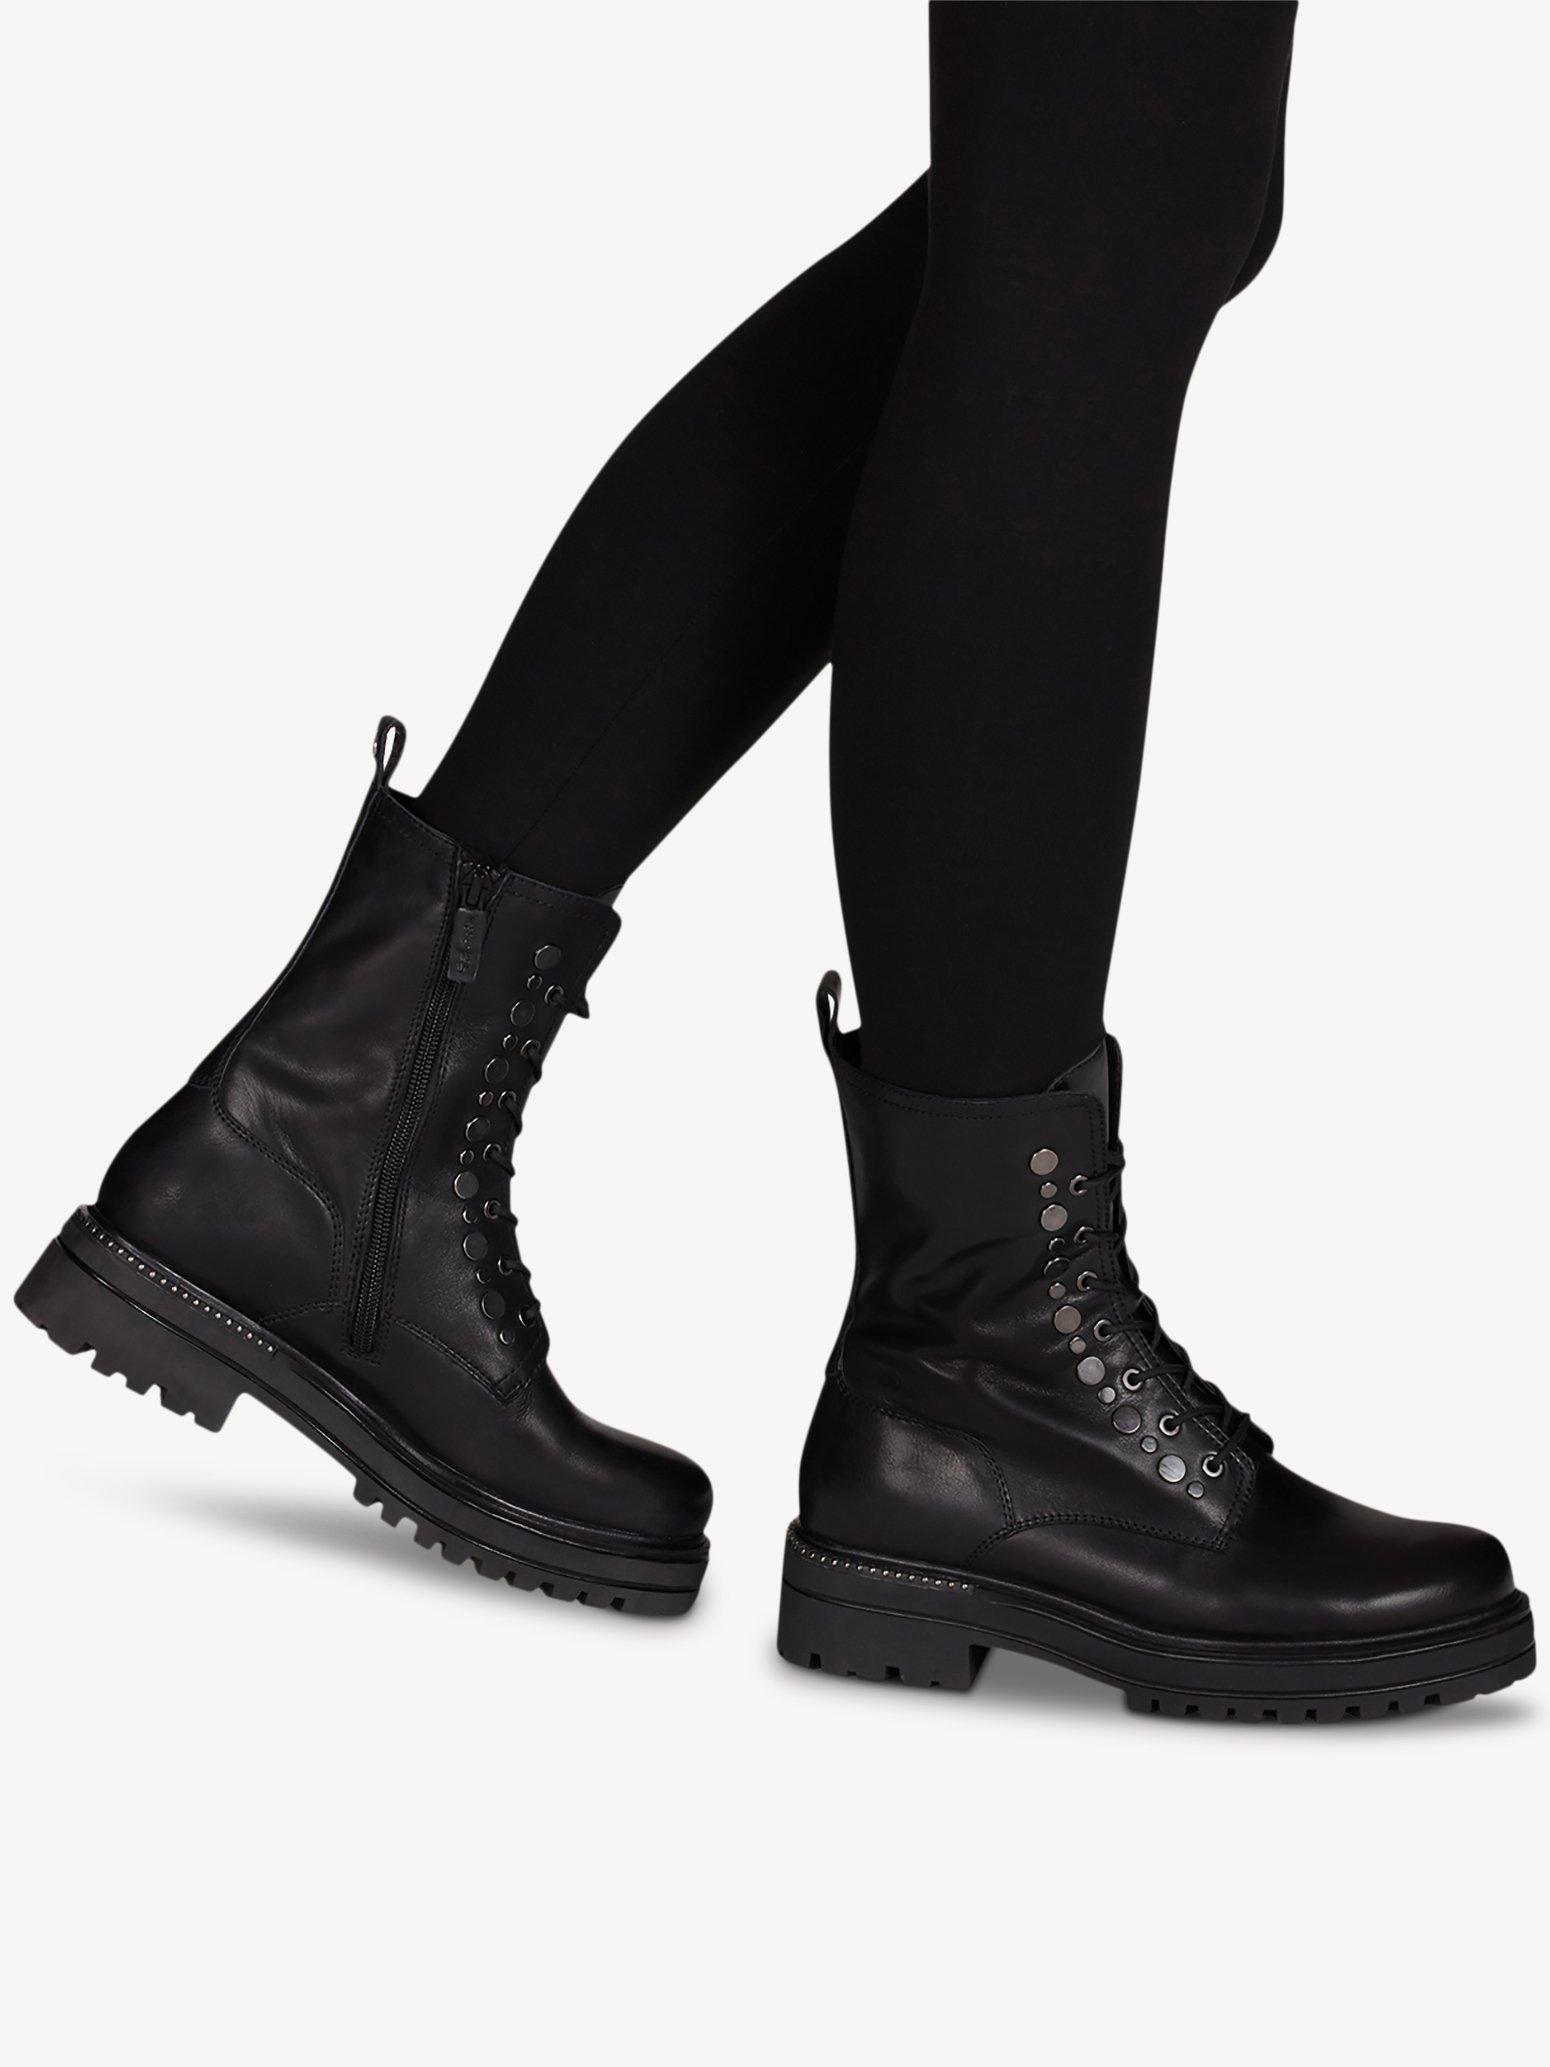 Ботинки Tamaris 1-1-25235-25-001 фотография